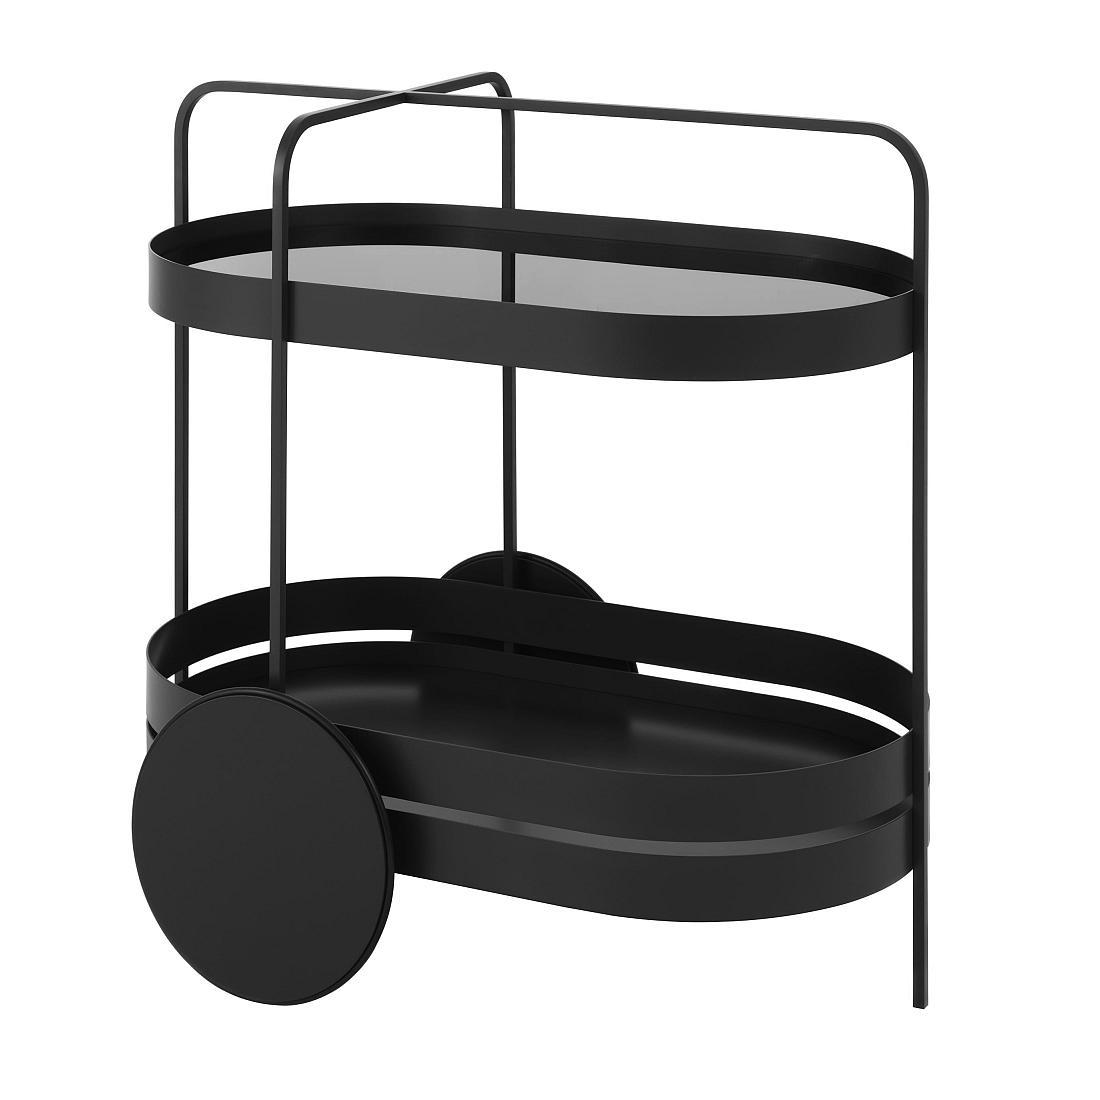 GRACE Servierwagen schwarz